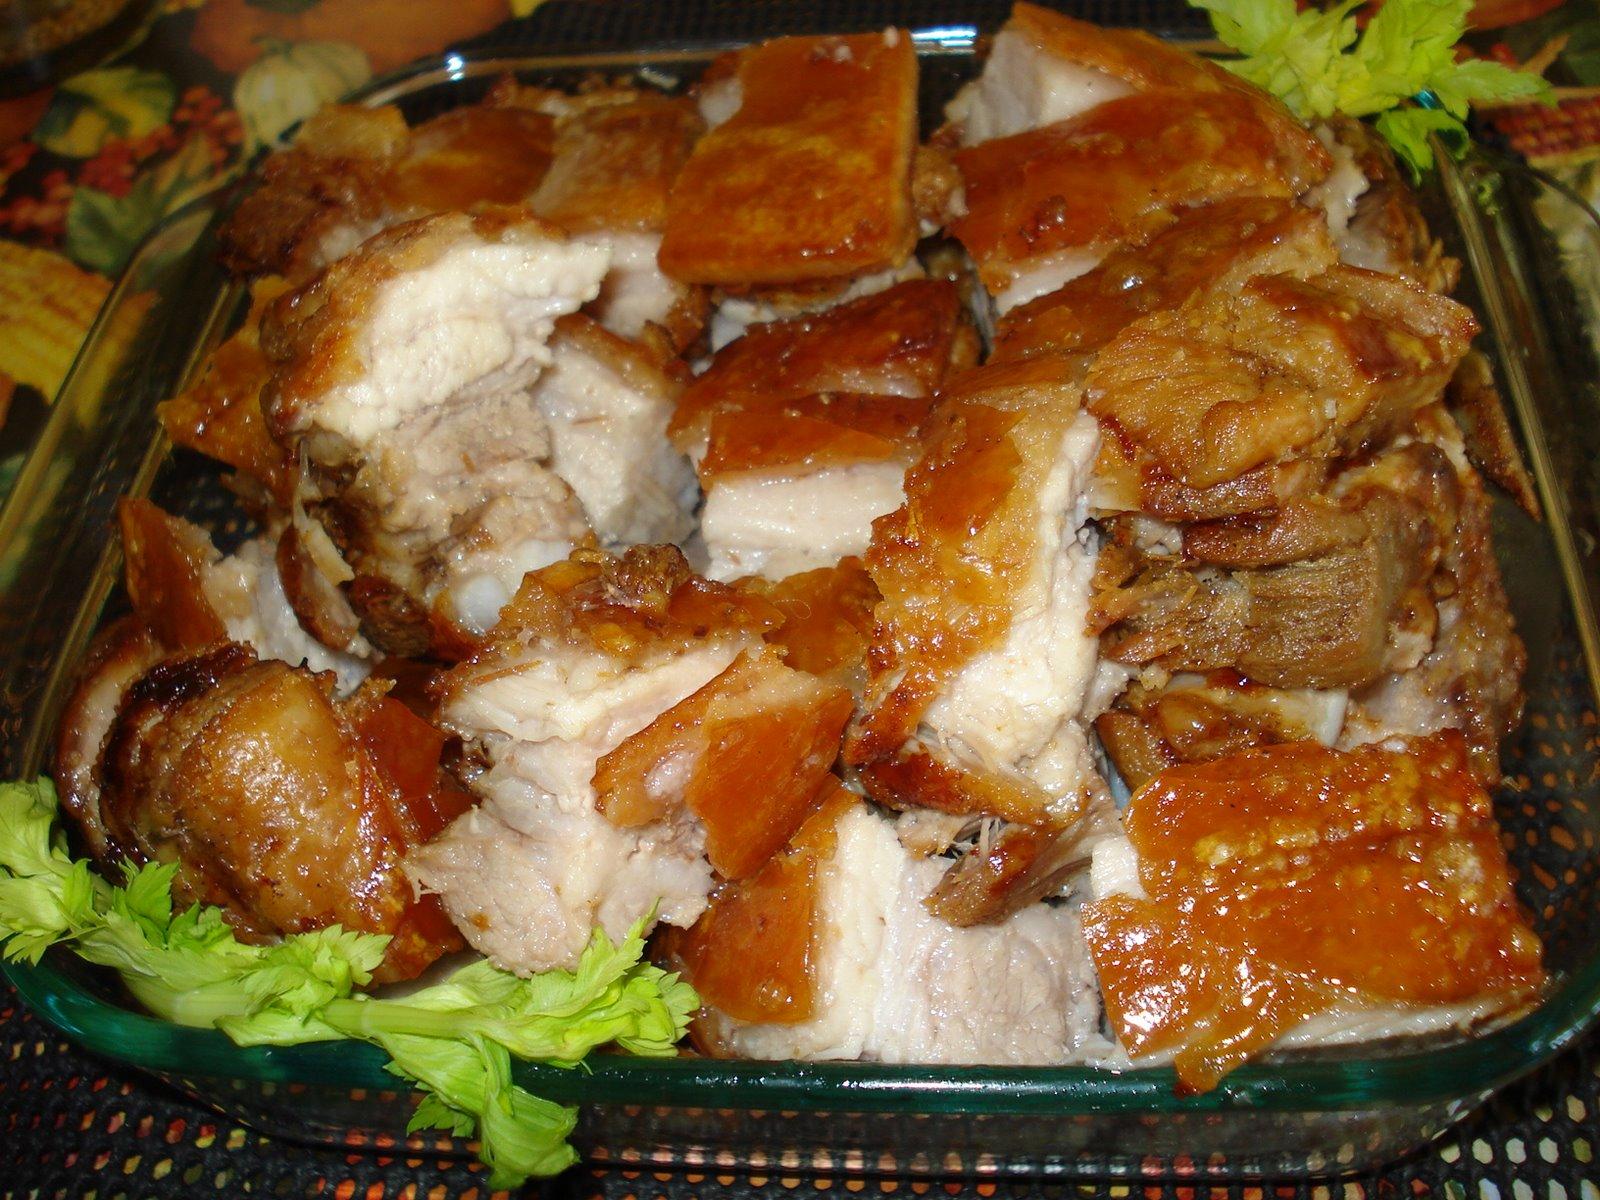 Filipino Dishes: Lechon Kawali (Pan-Roasted Pork)